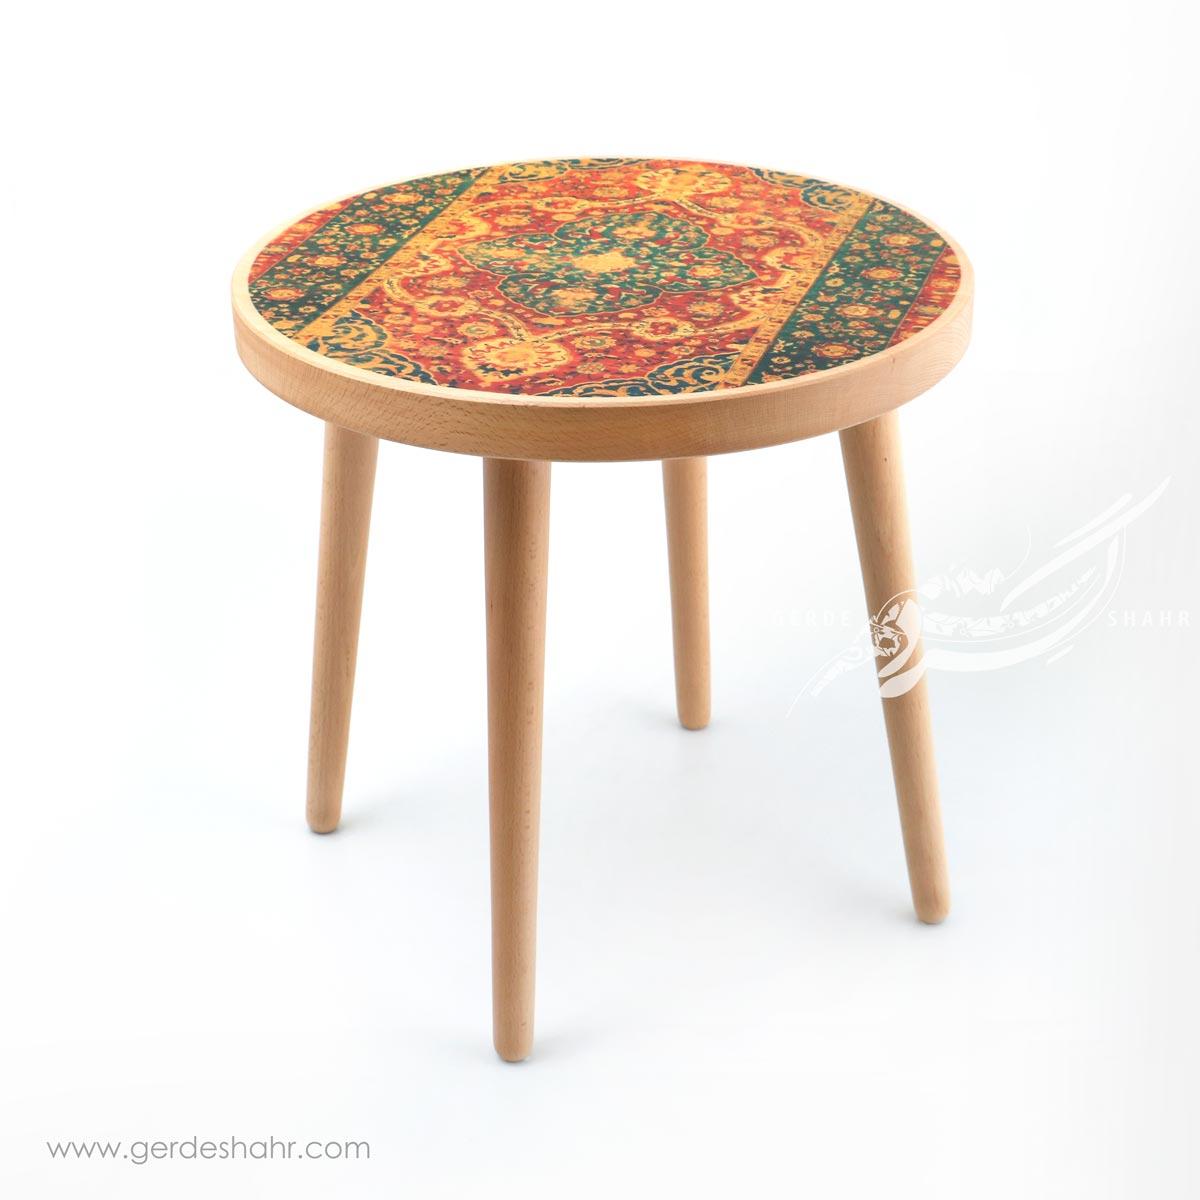 میز کوچک رویای بهشت کاشان سبز کارمان محصولات